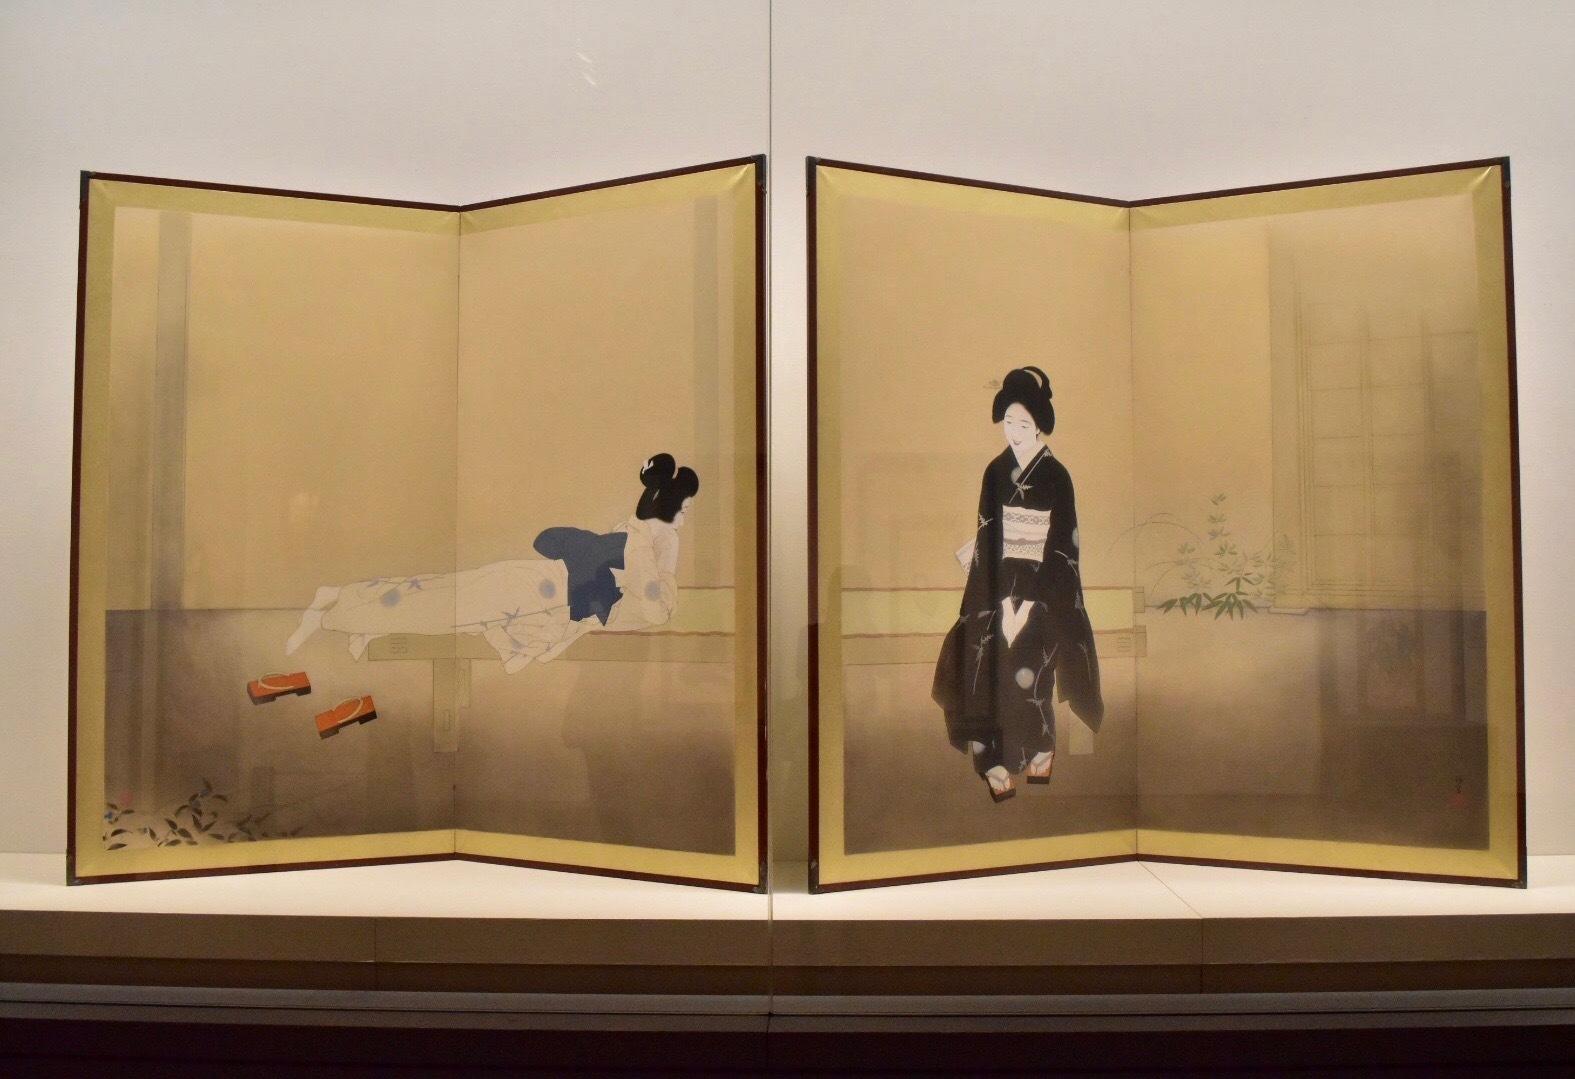 北野恒富 《いとさんこいさん》 昭和11年 京都市美術館蔵